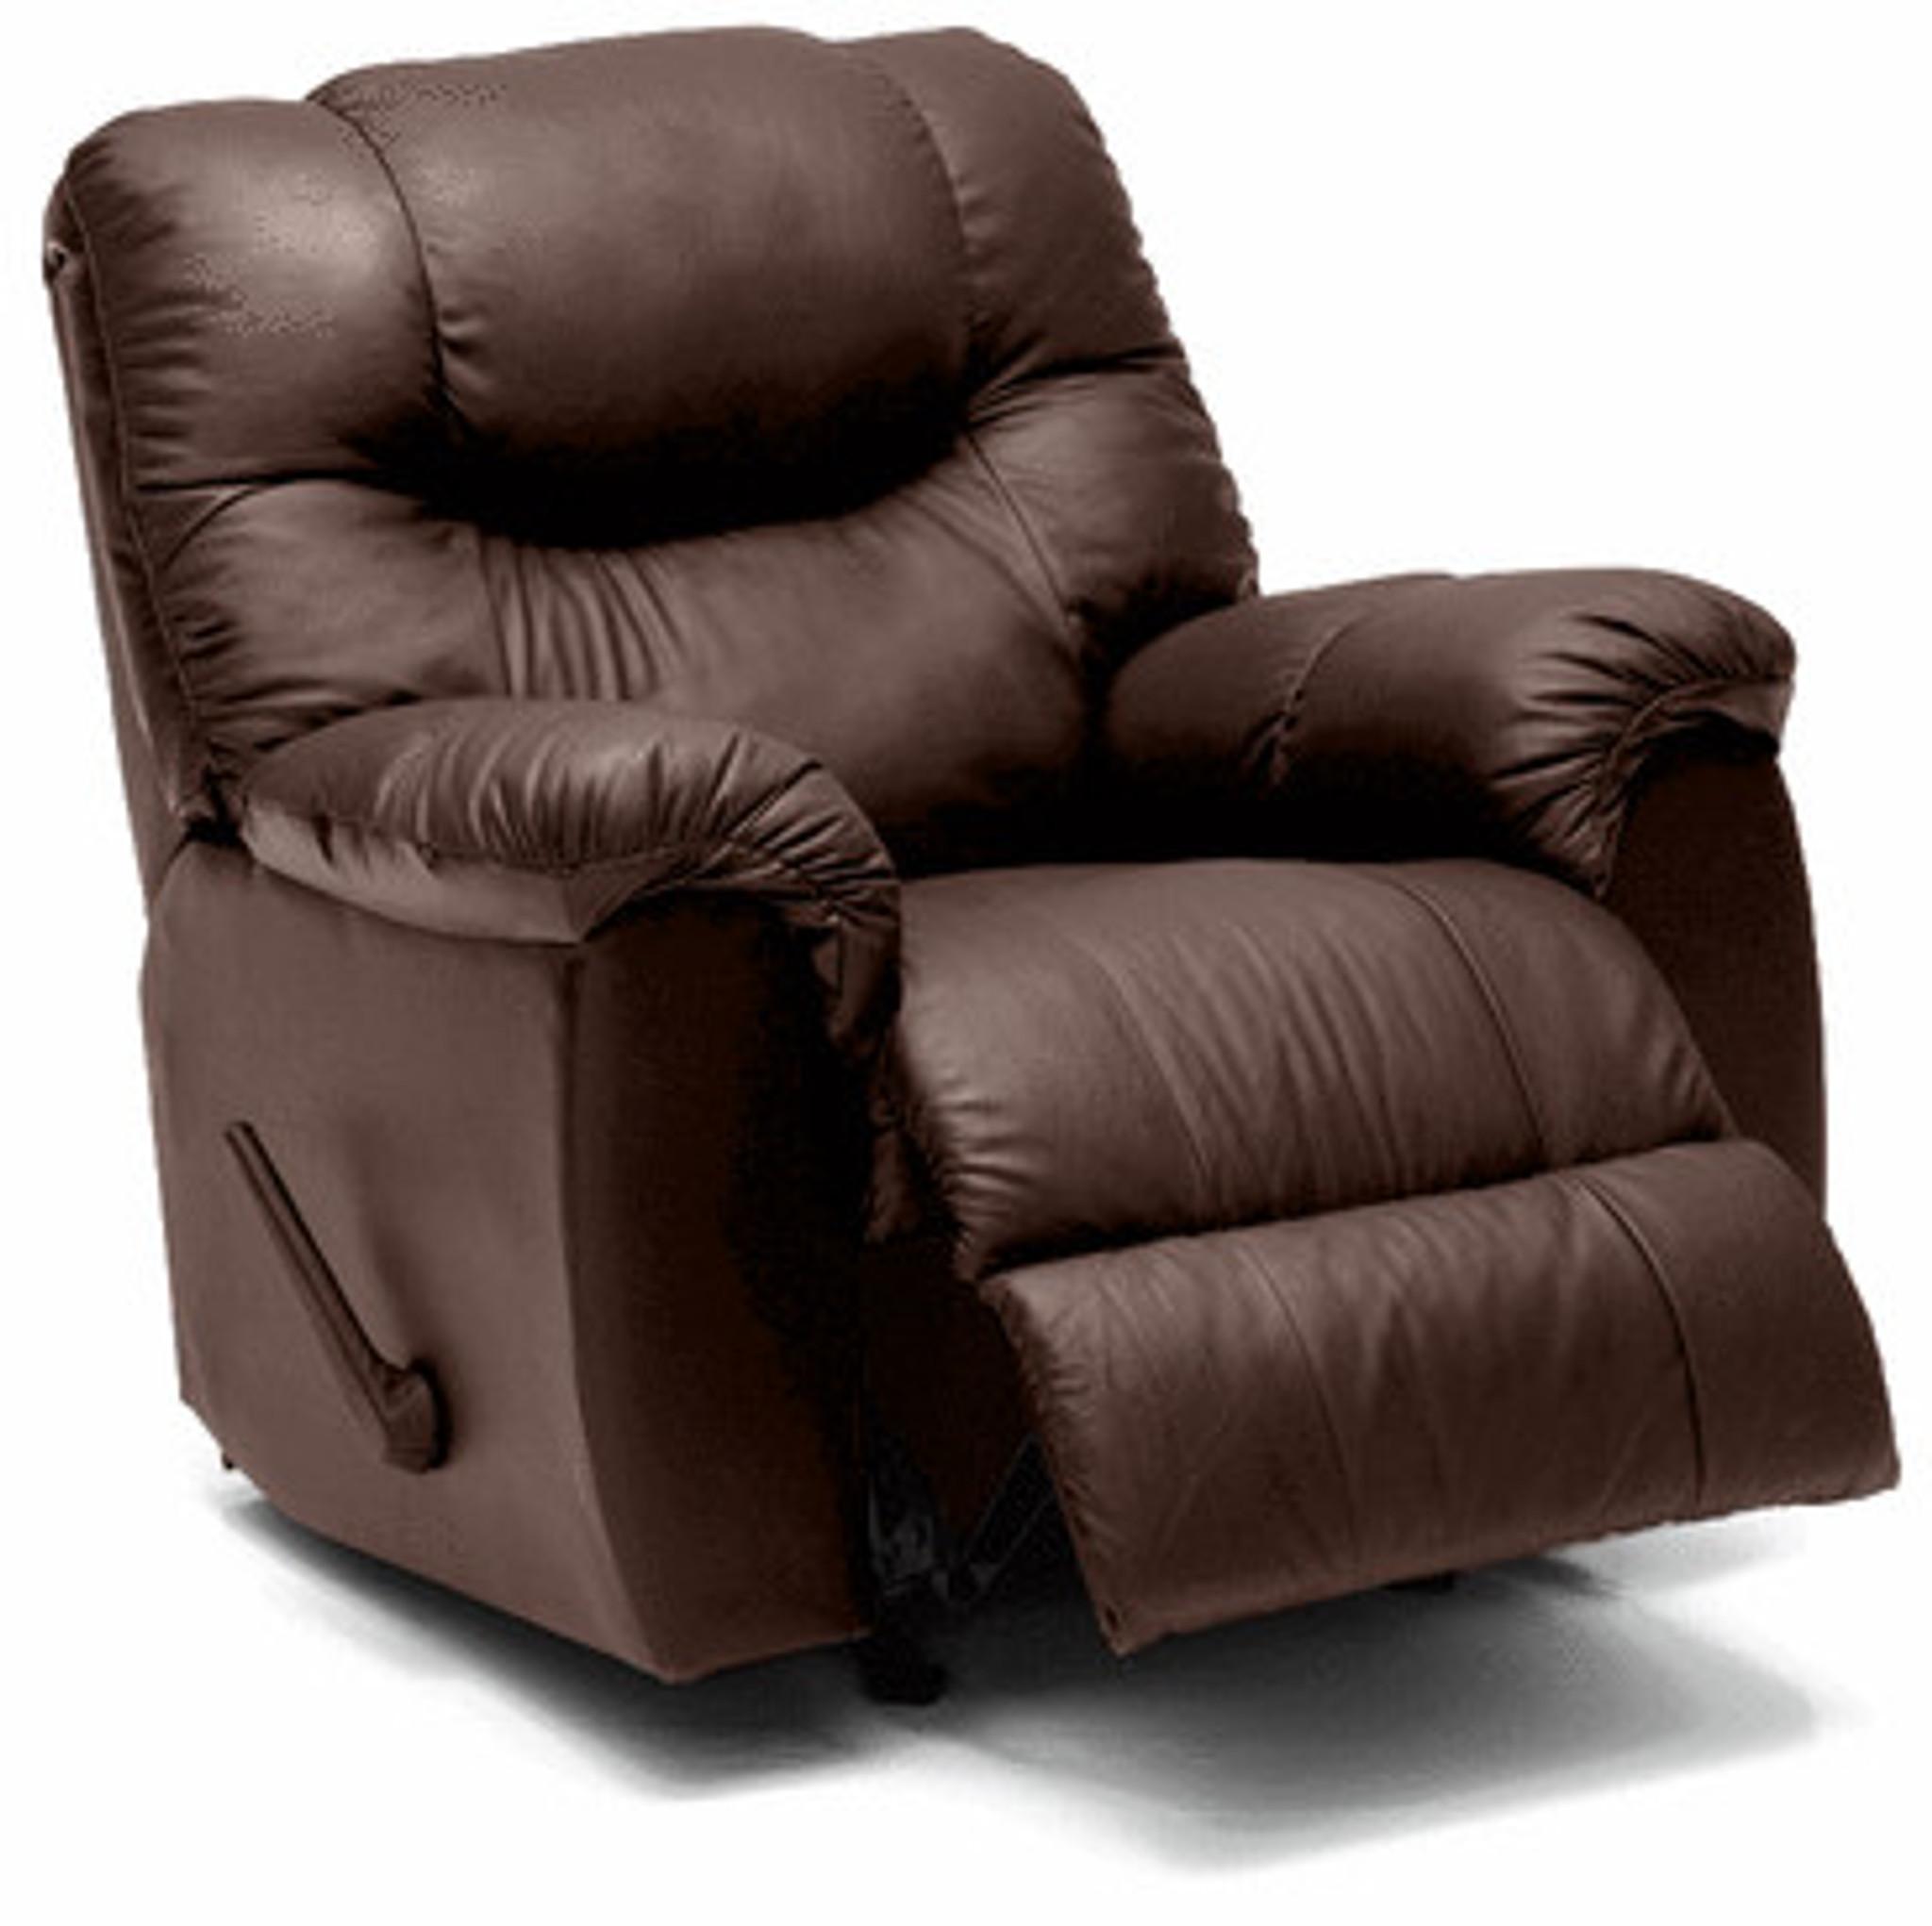 Palliser Leather Recliner Sofa Model Regent 41094